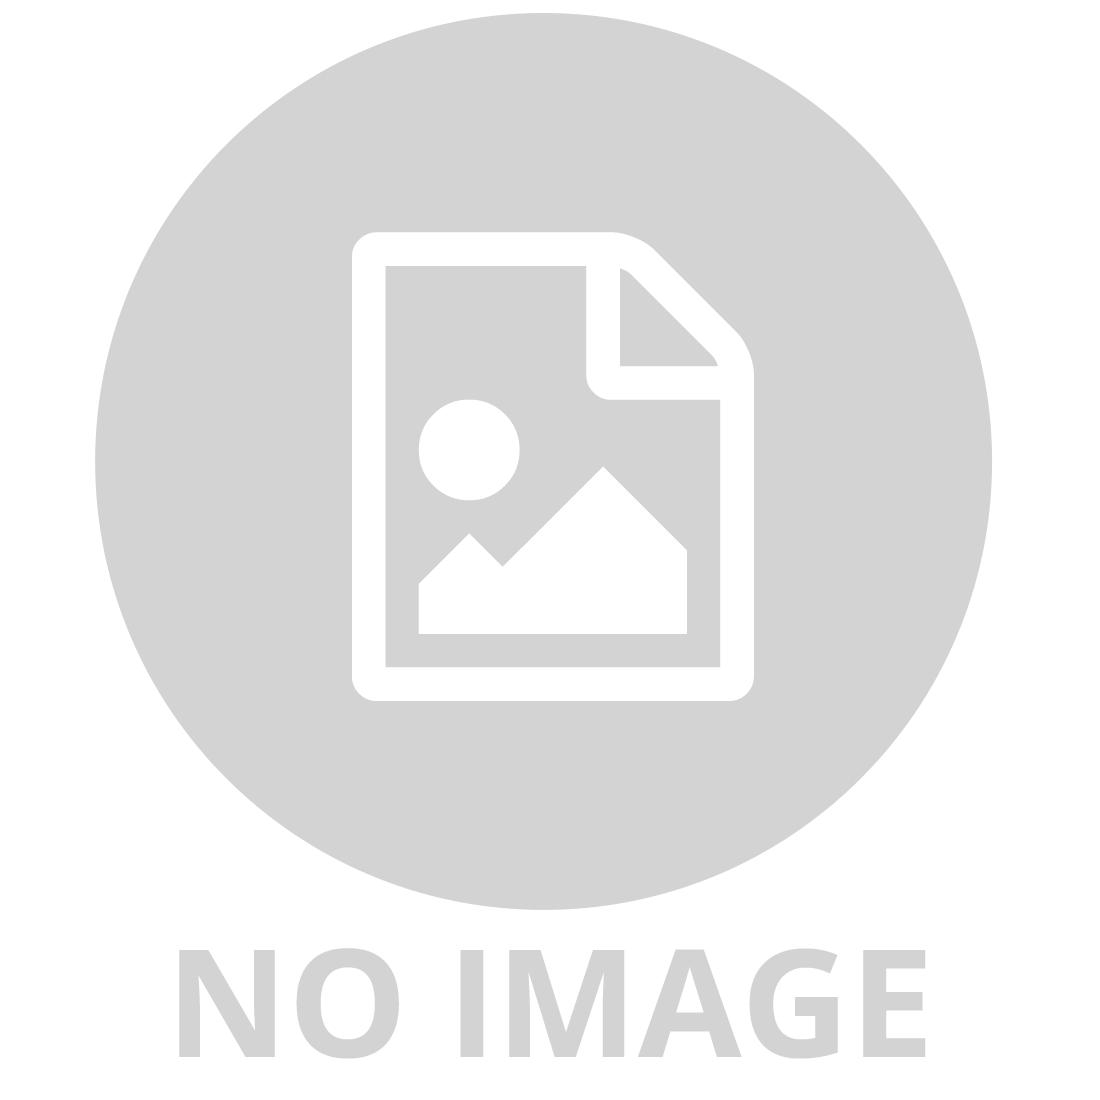 LEGO NINJAGO 70673 SHURI COPTER